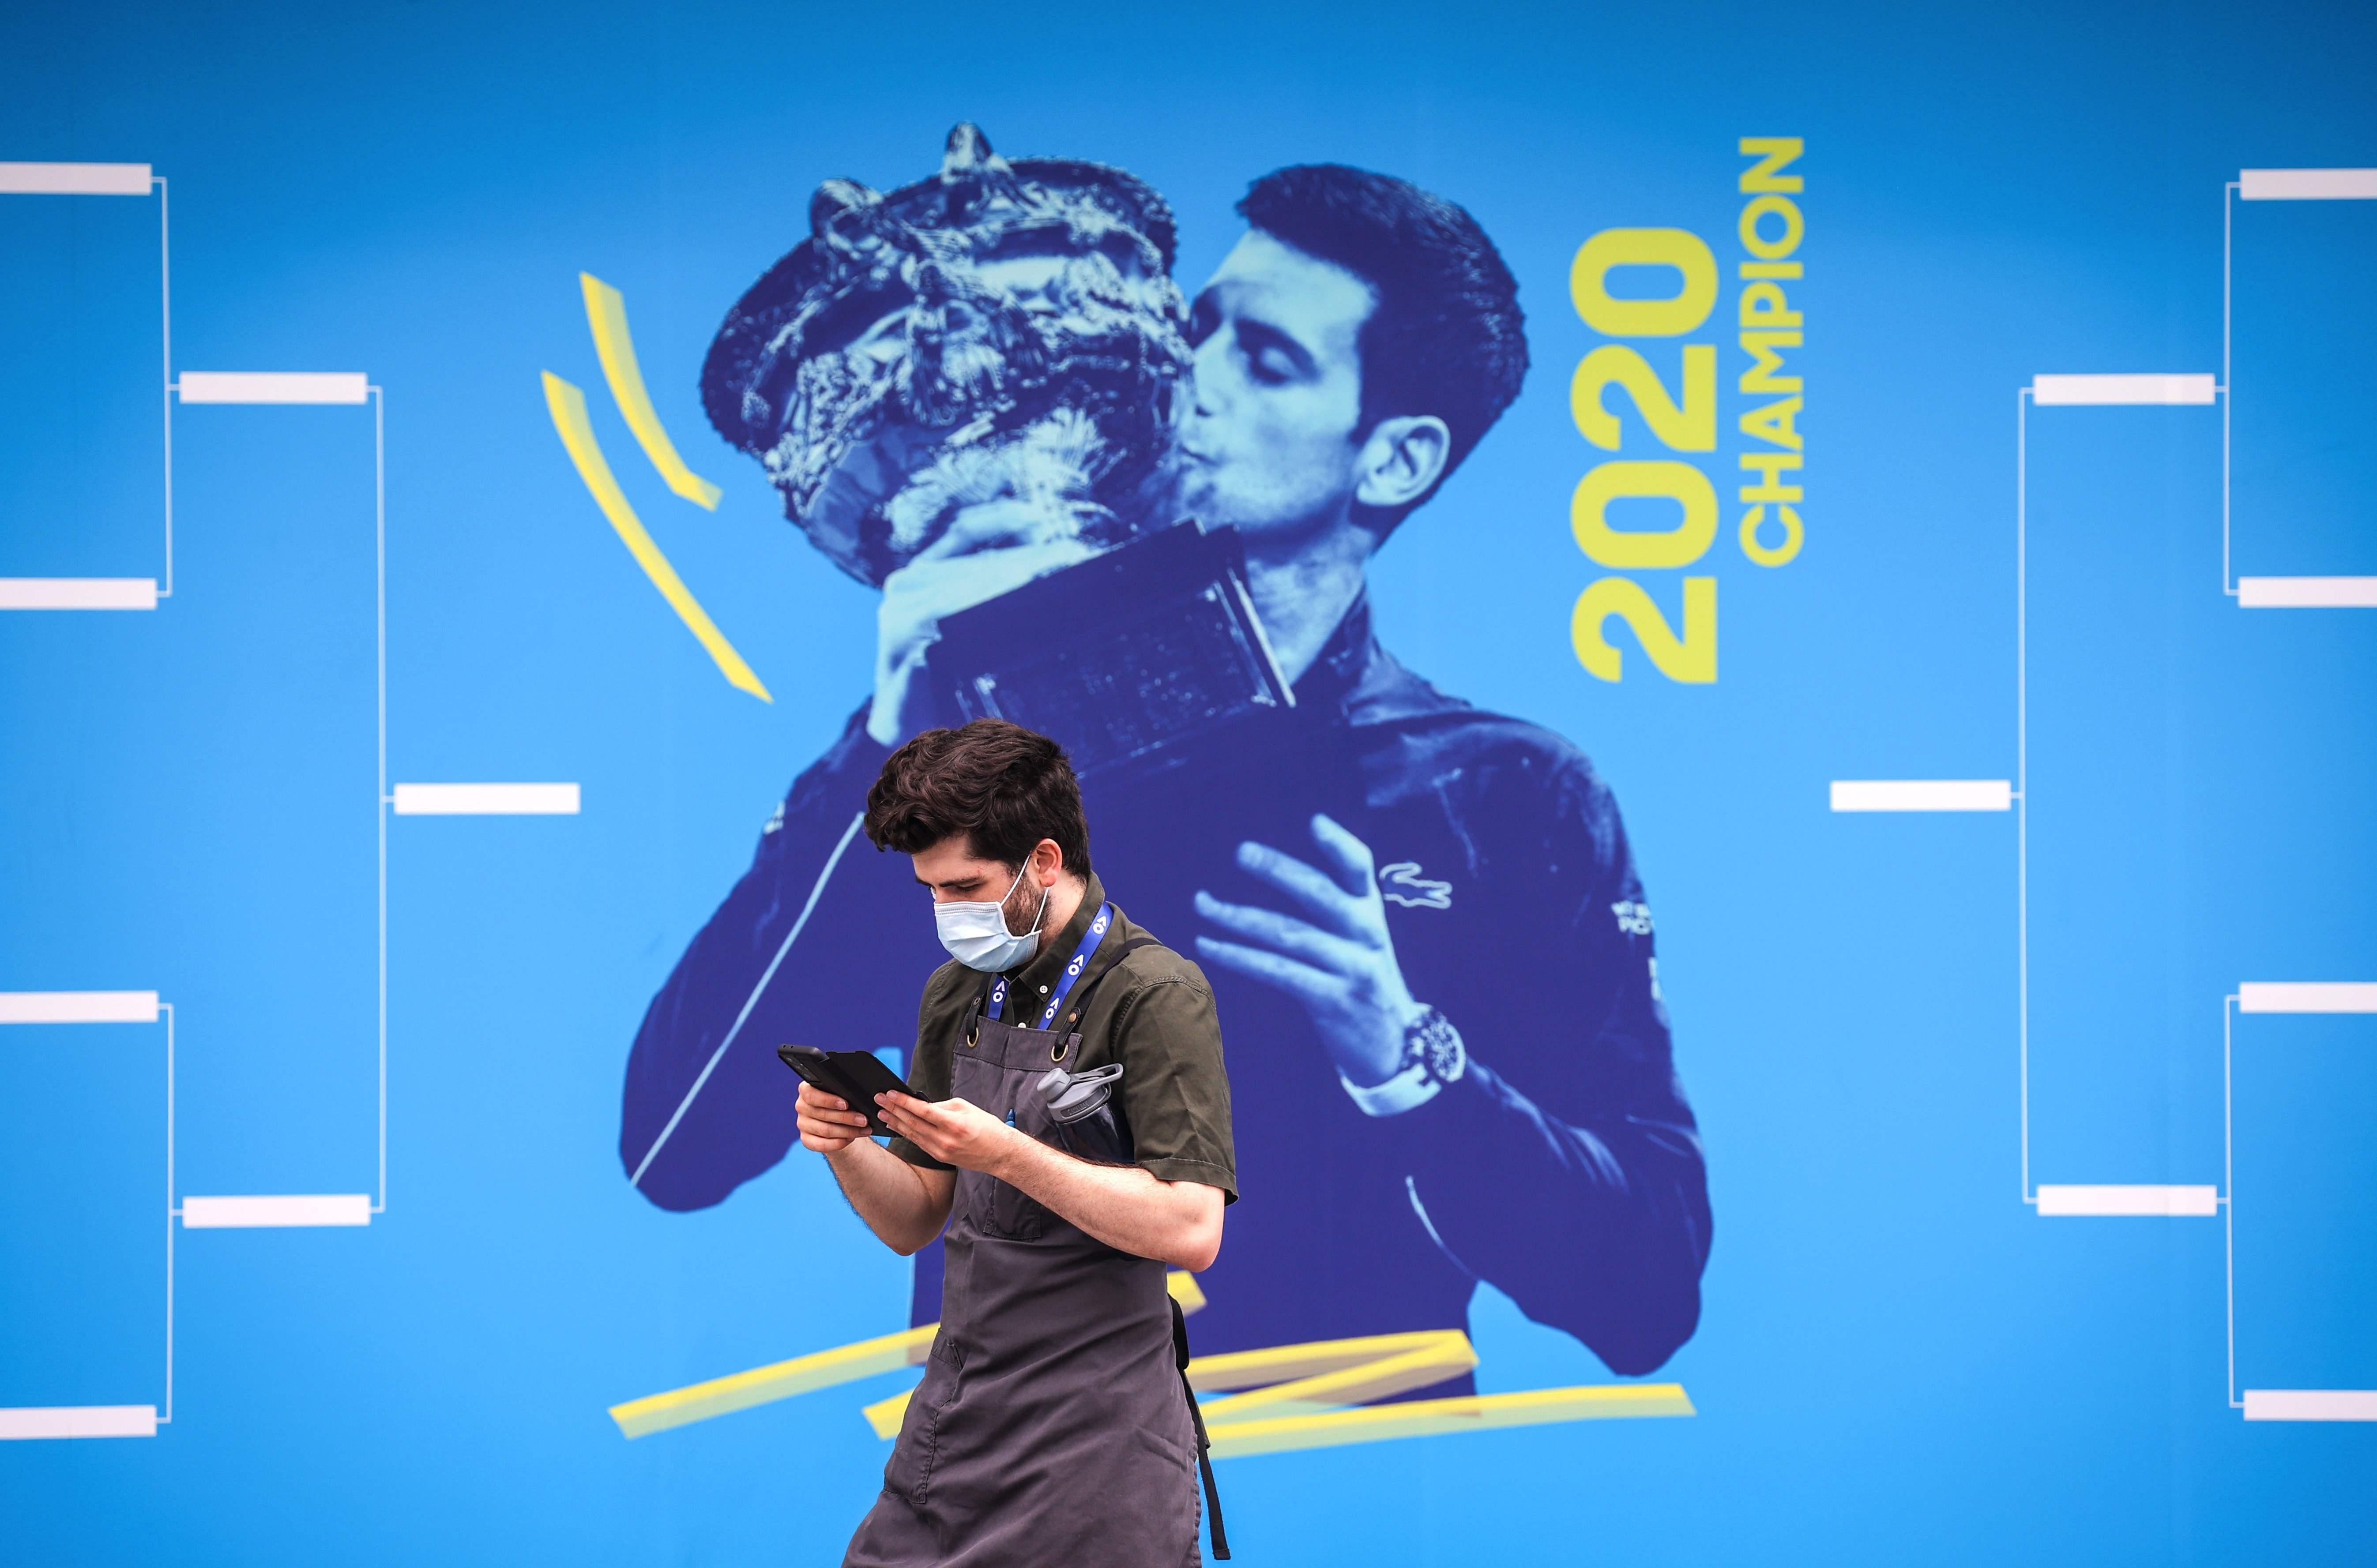 Θετική από τον υπάλληλο του ξενοδοχείου θέτει το Australian Open σε δοκιμαστική περίοδο |  Αθλητισμός